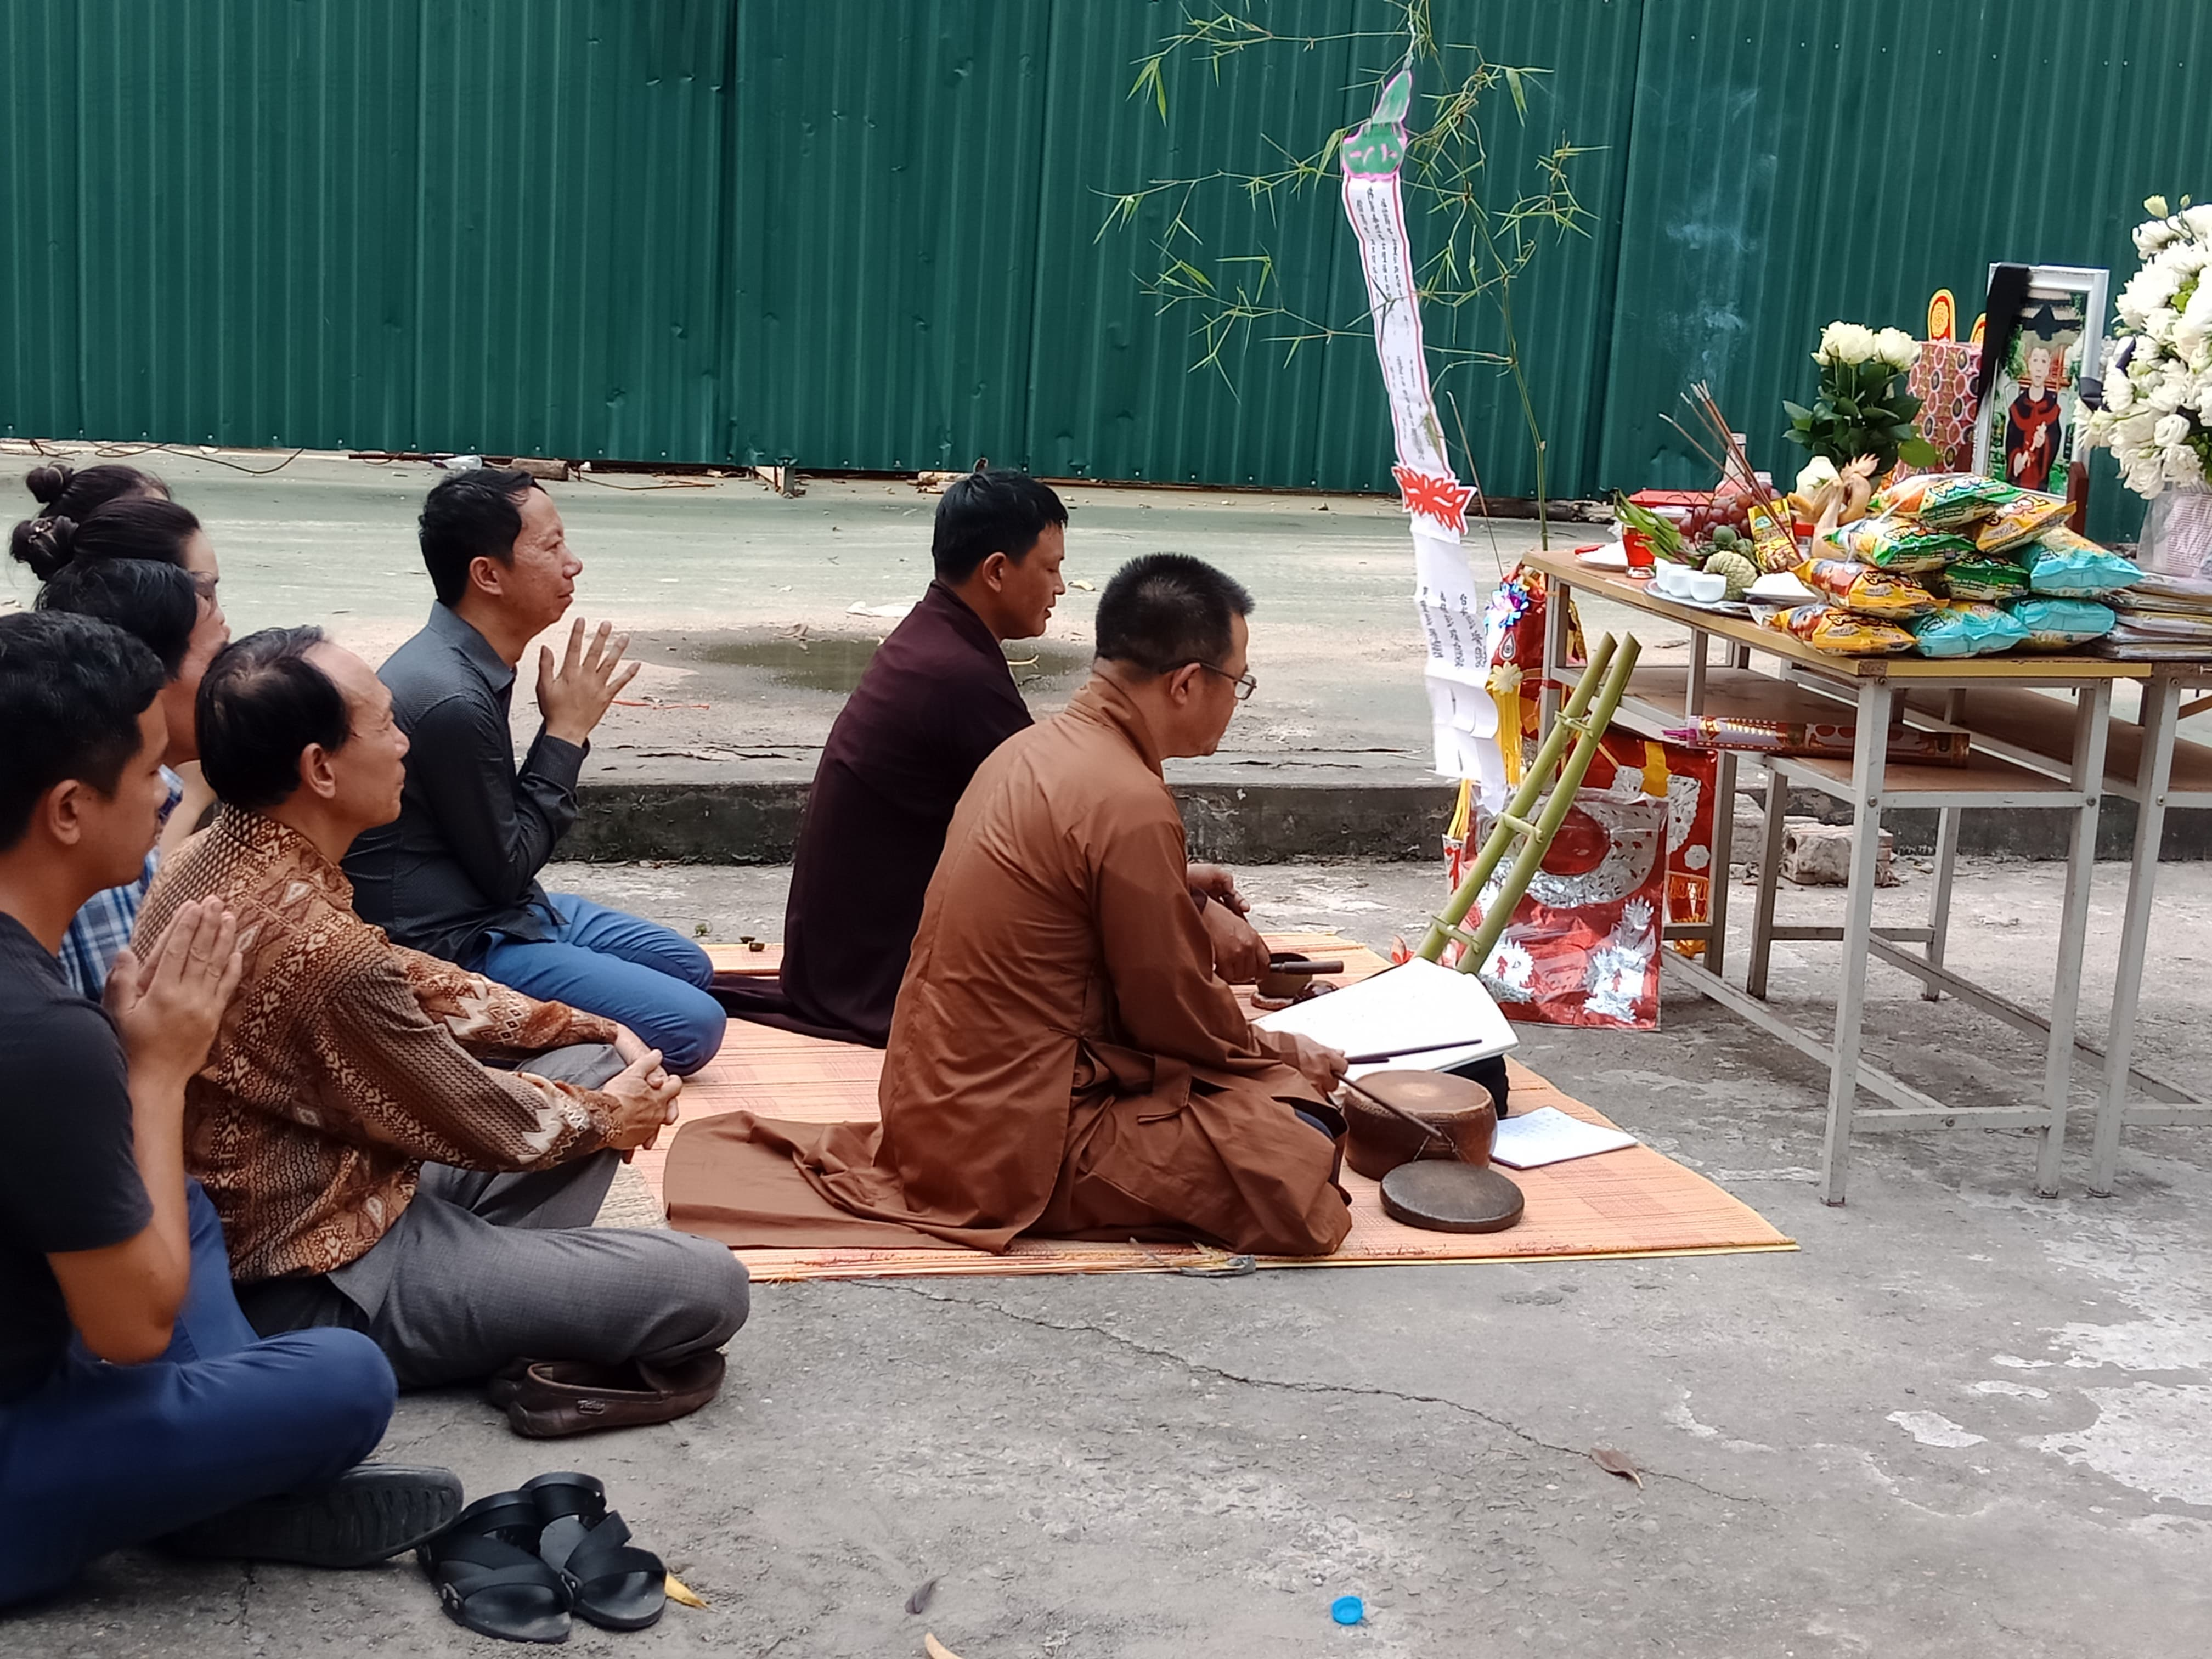 Gia đình bé L. làm lễ cầu siêu tại nơi đỗ chiếc xe ô tô ở ký túc xa Học viện Báo chí và tuyên truyền